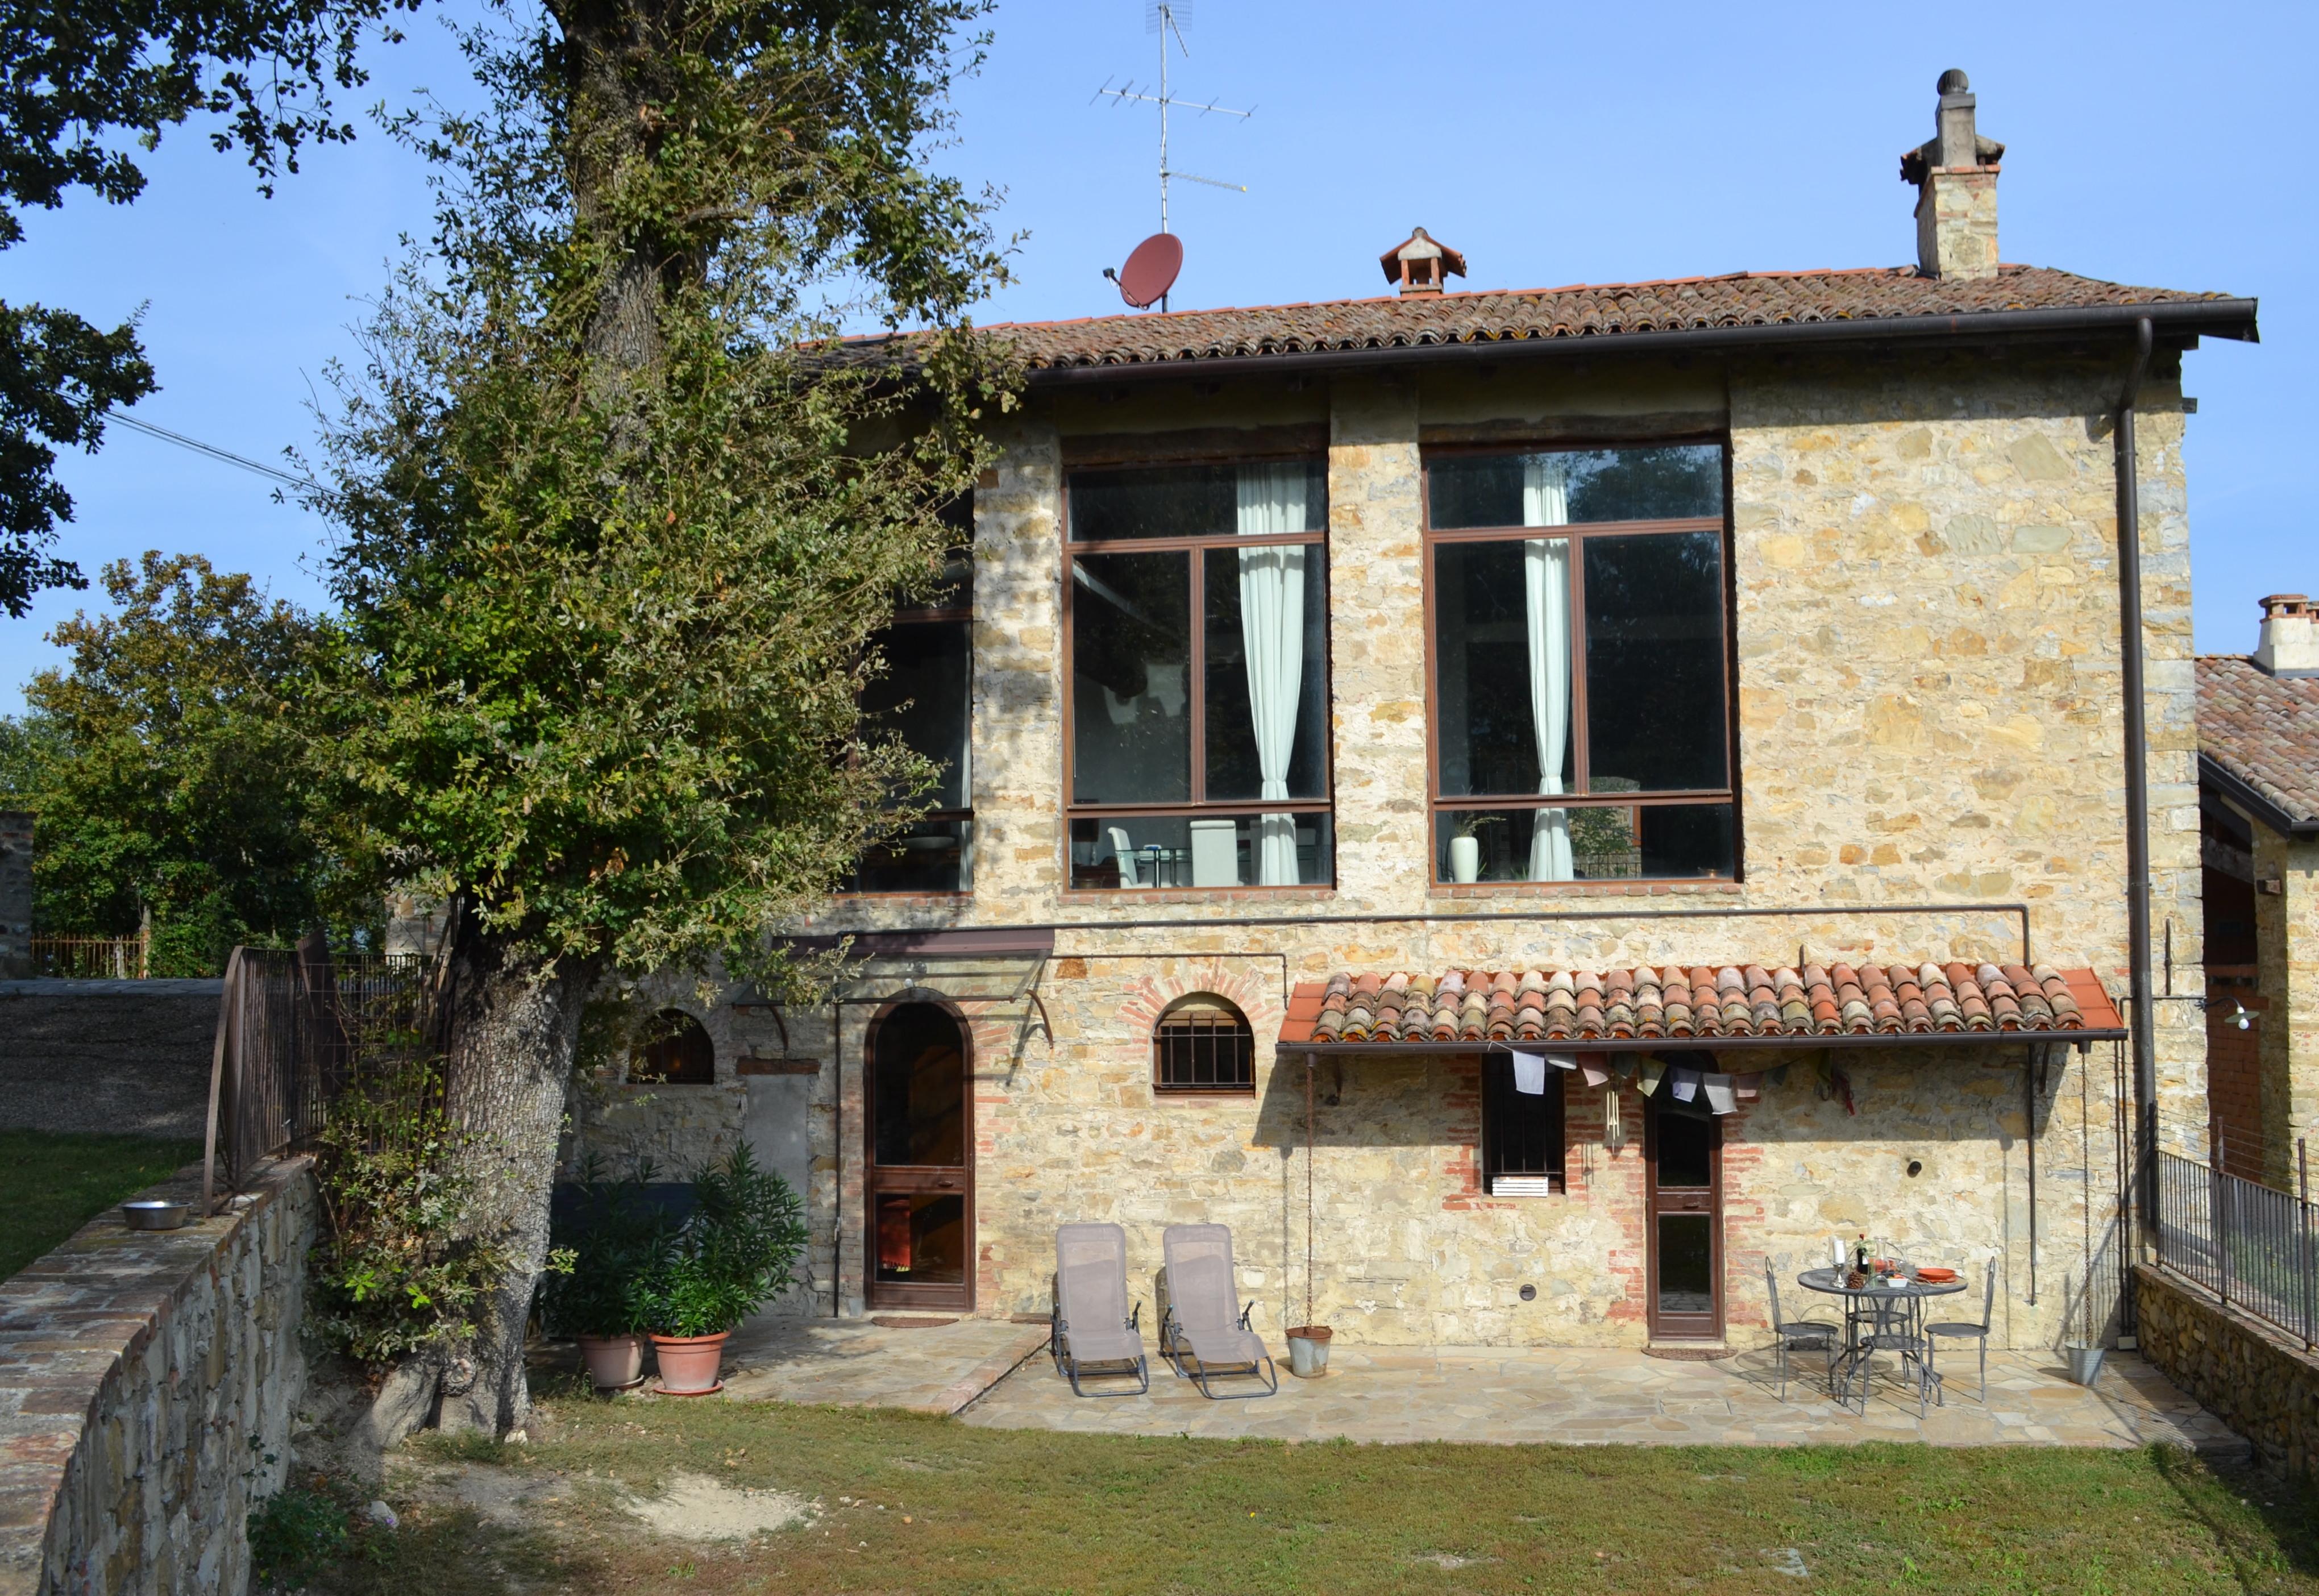 Antico casale in pietra, Appennino Tosco-Emiliano, a Monzuno-Bologna